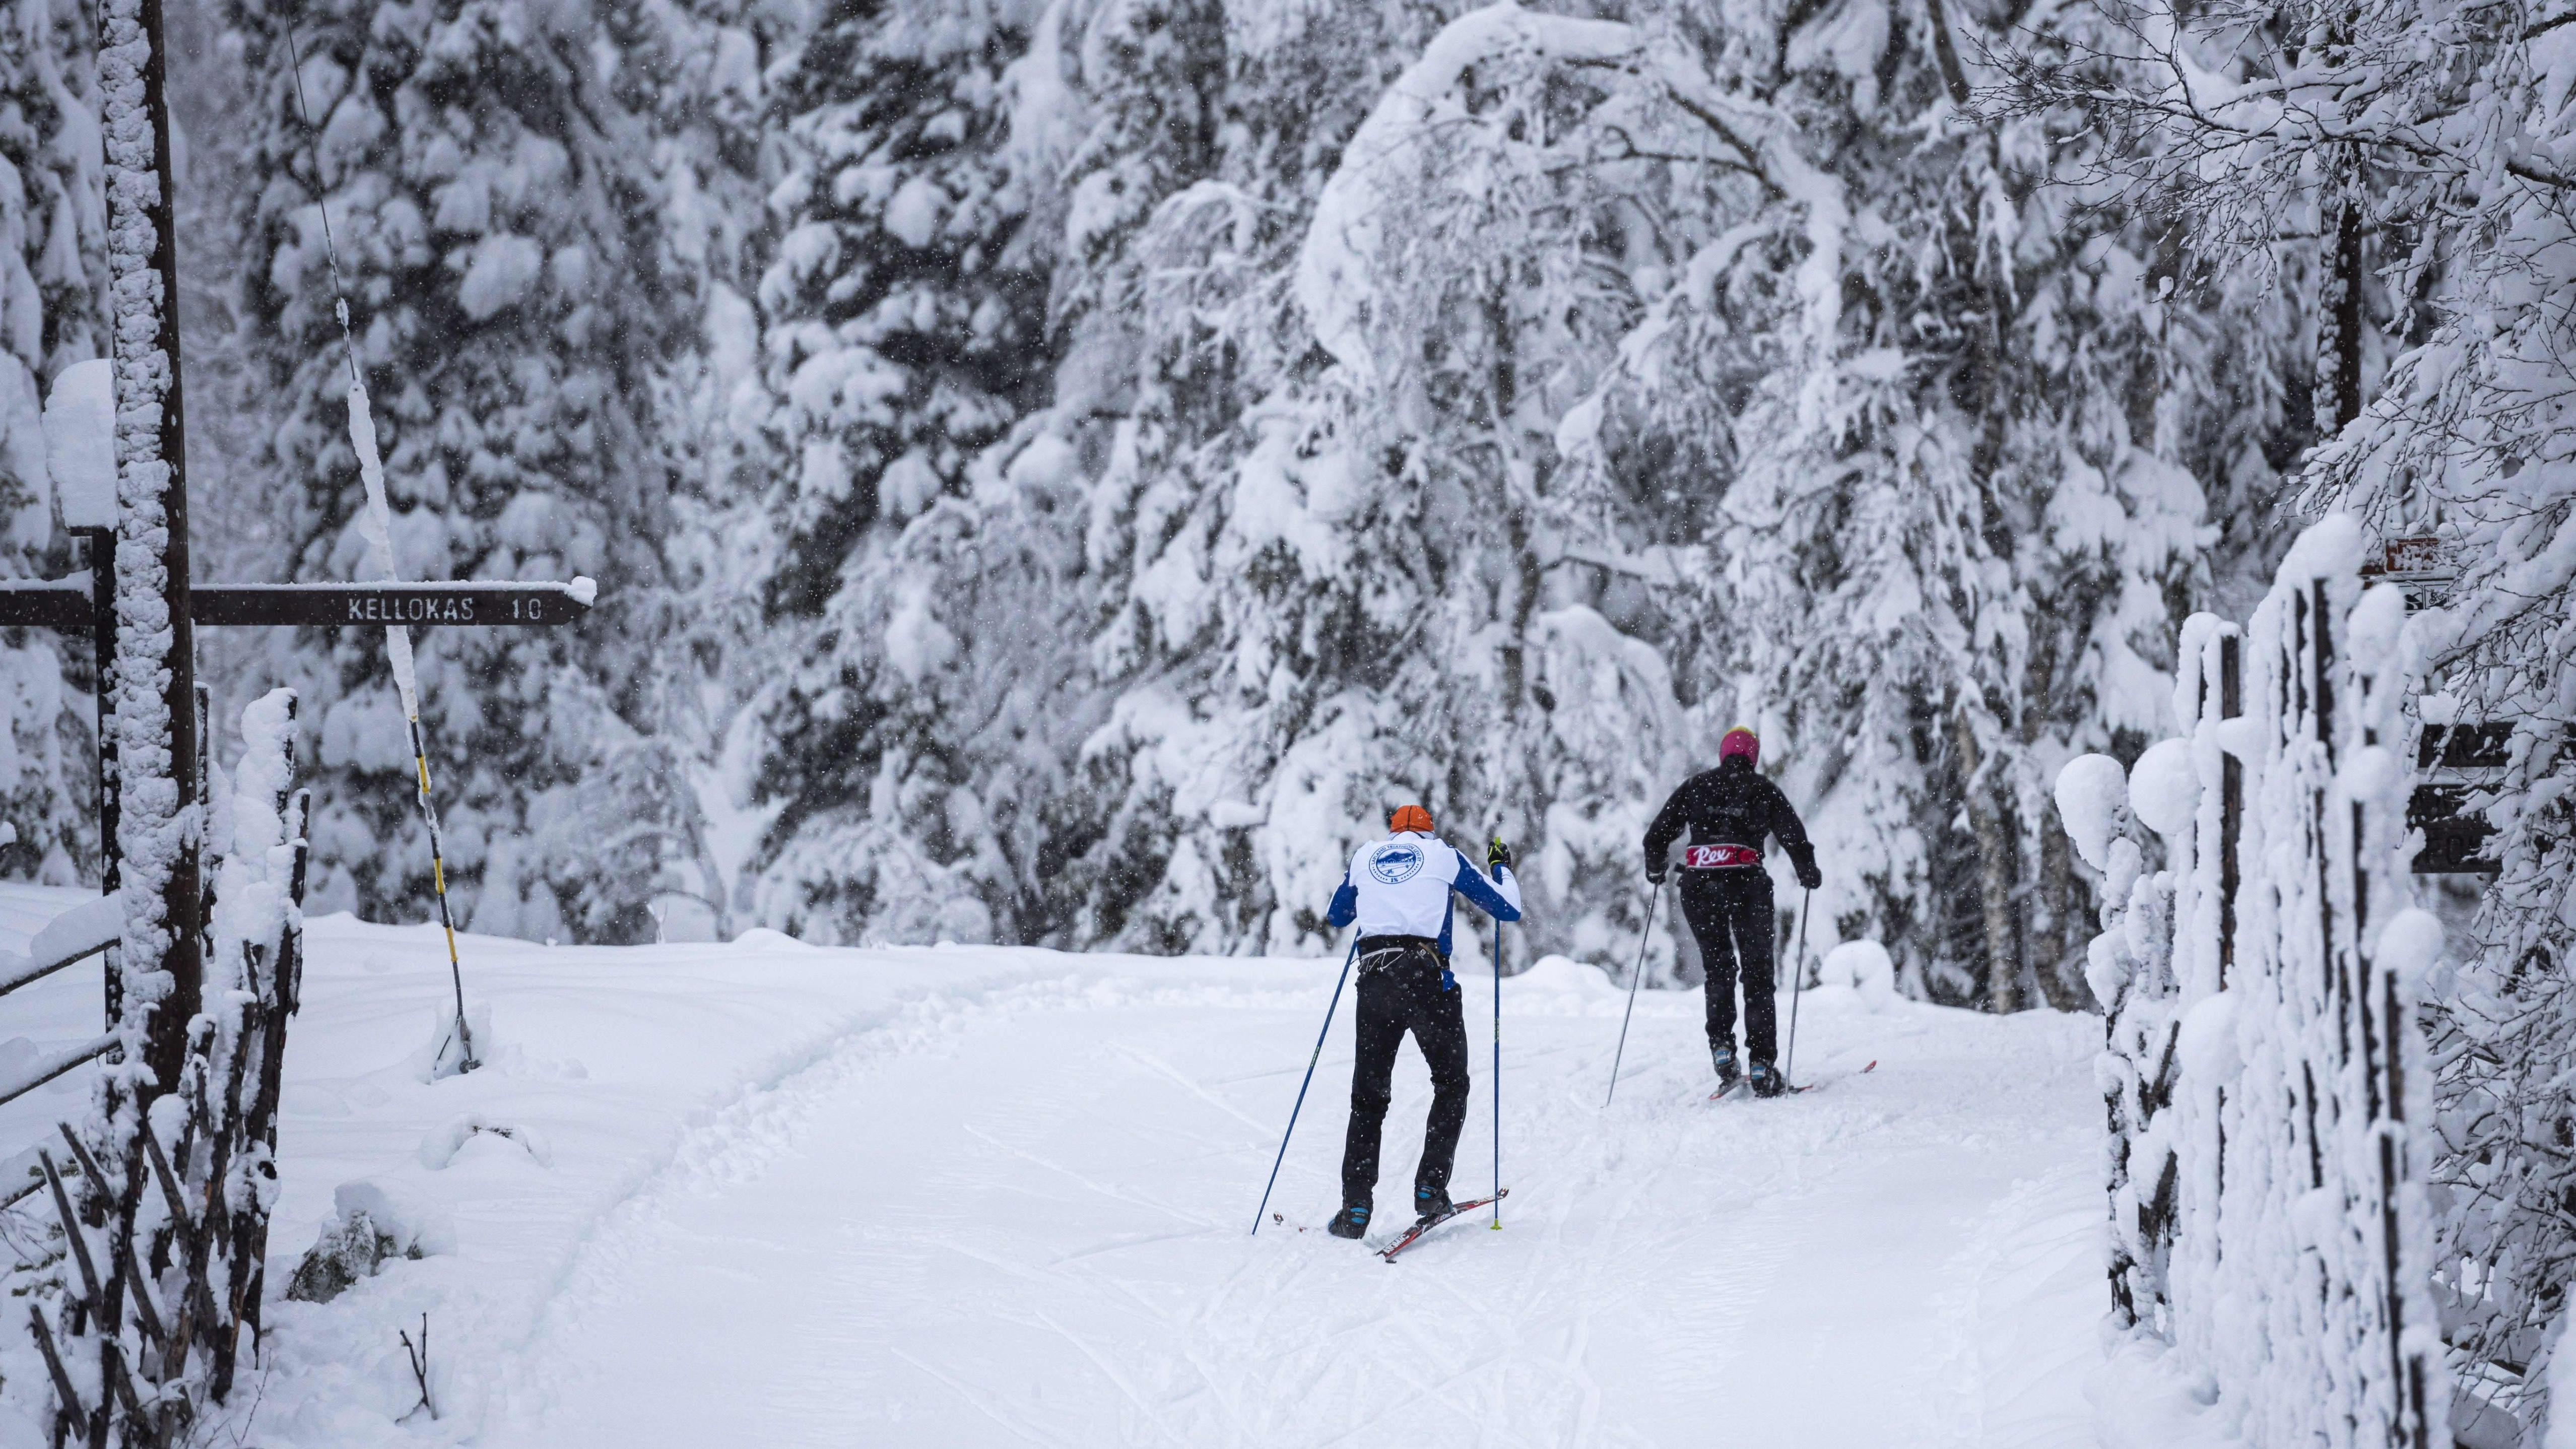 Kaksi hiihtäjää lumisessa maisemassa.